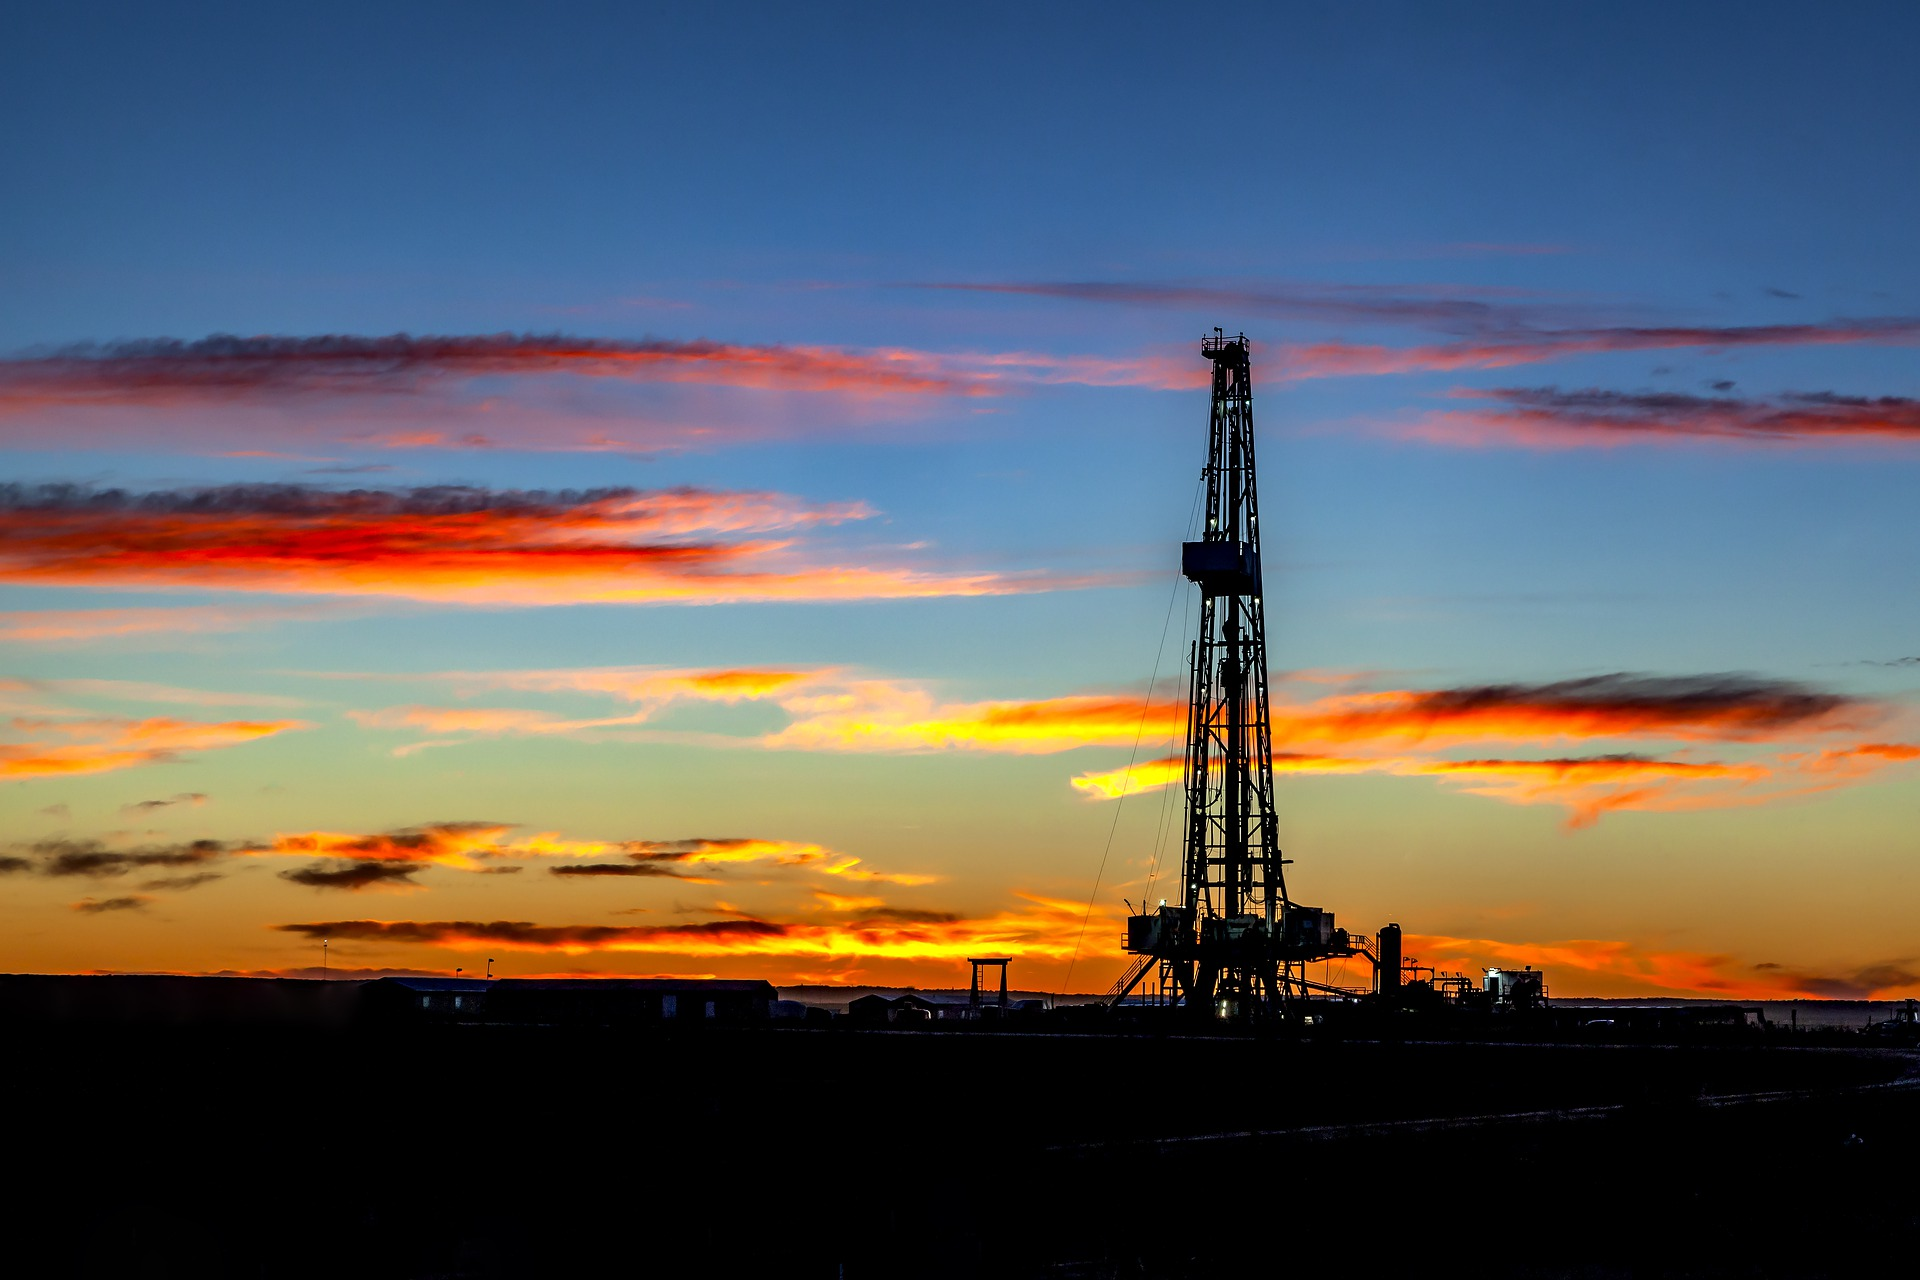 México tiene reservas probadas de gas y petróleo para 9 años